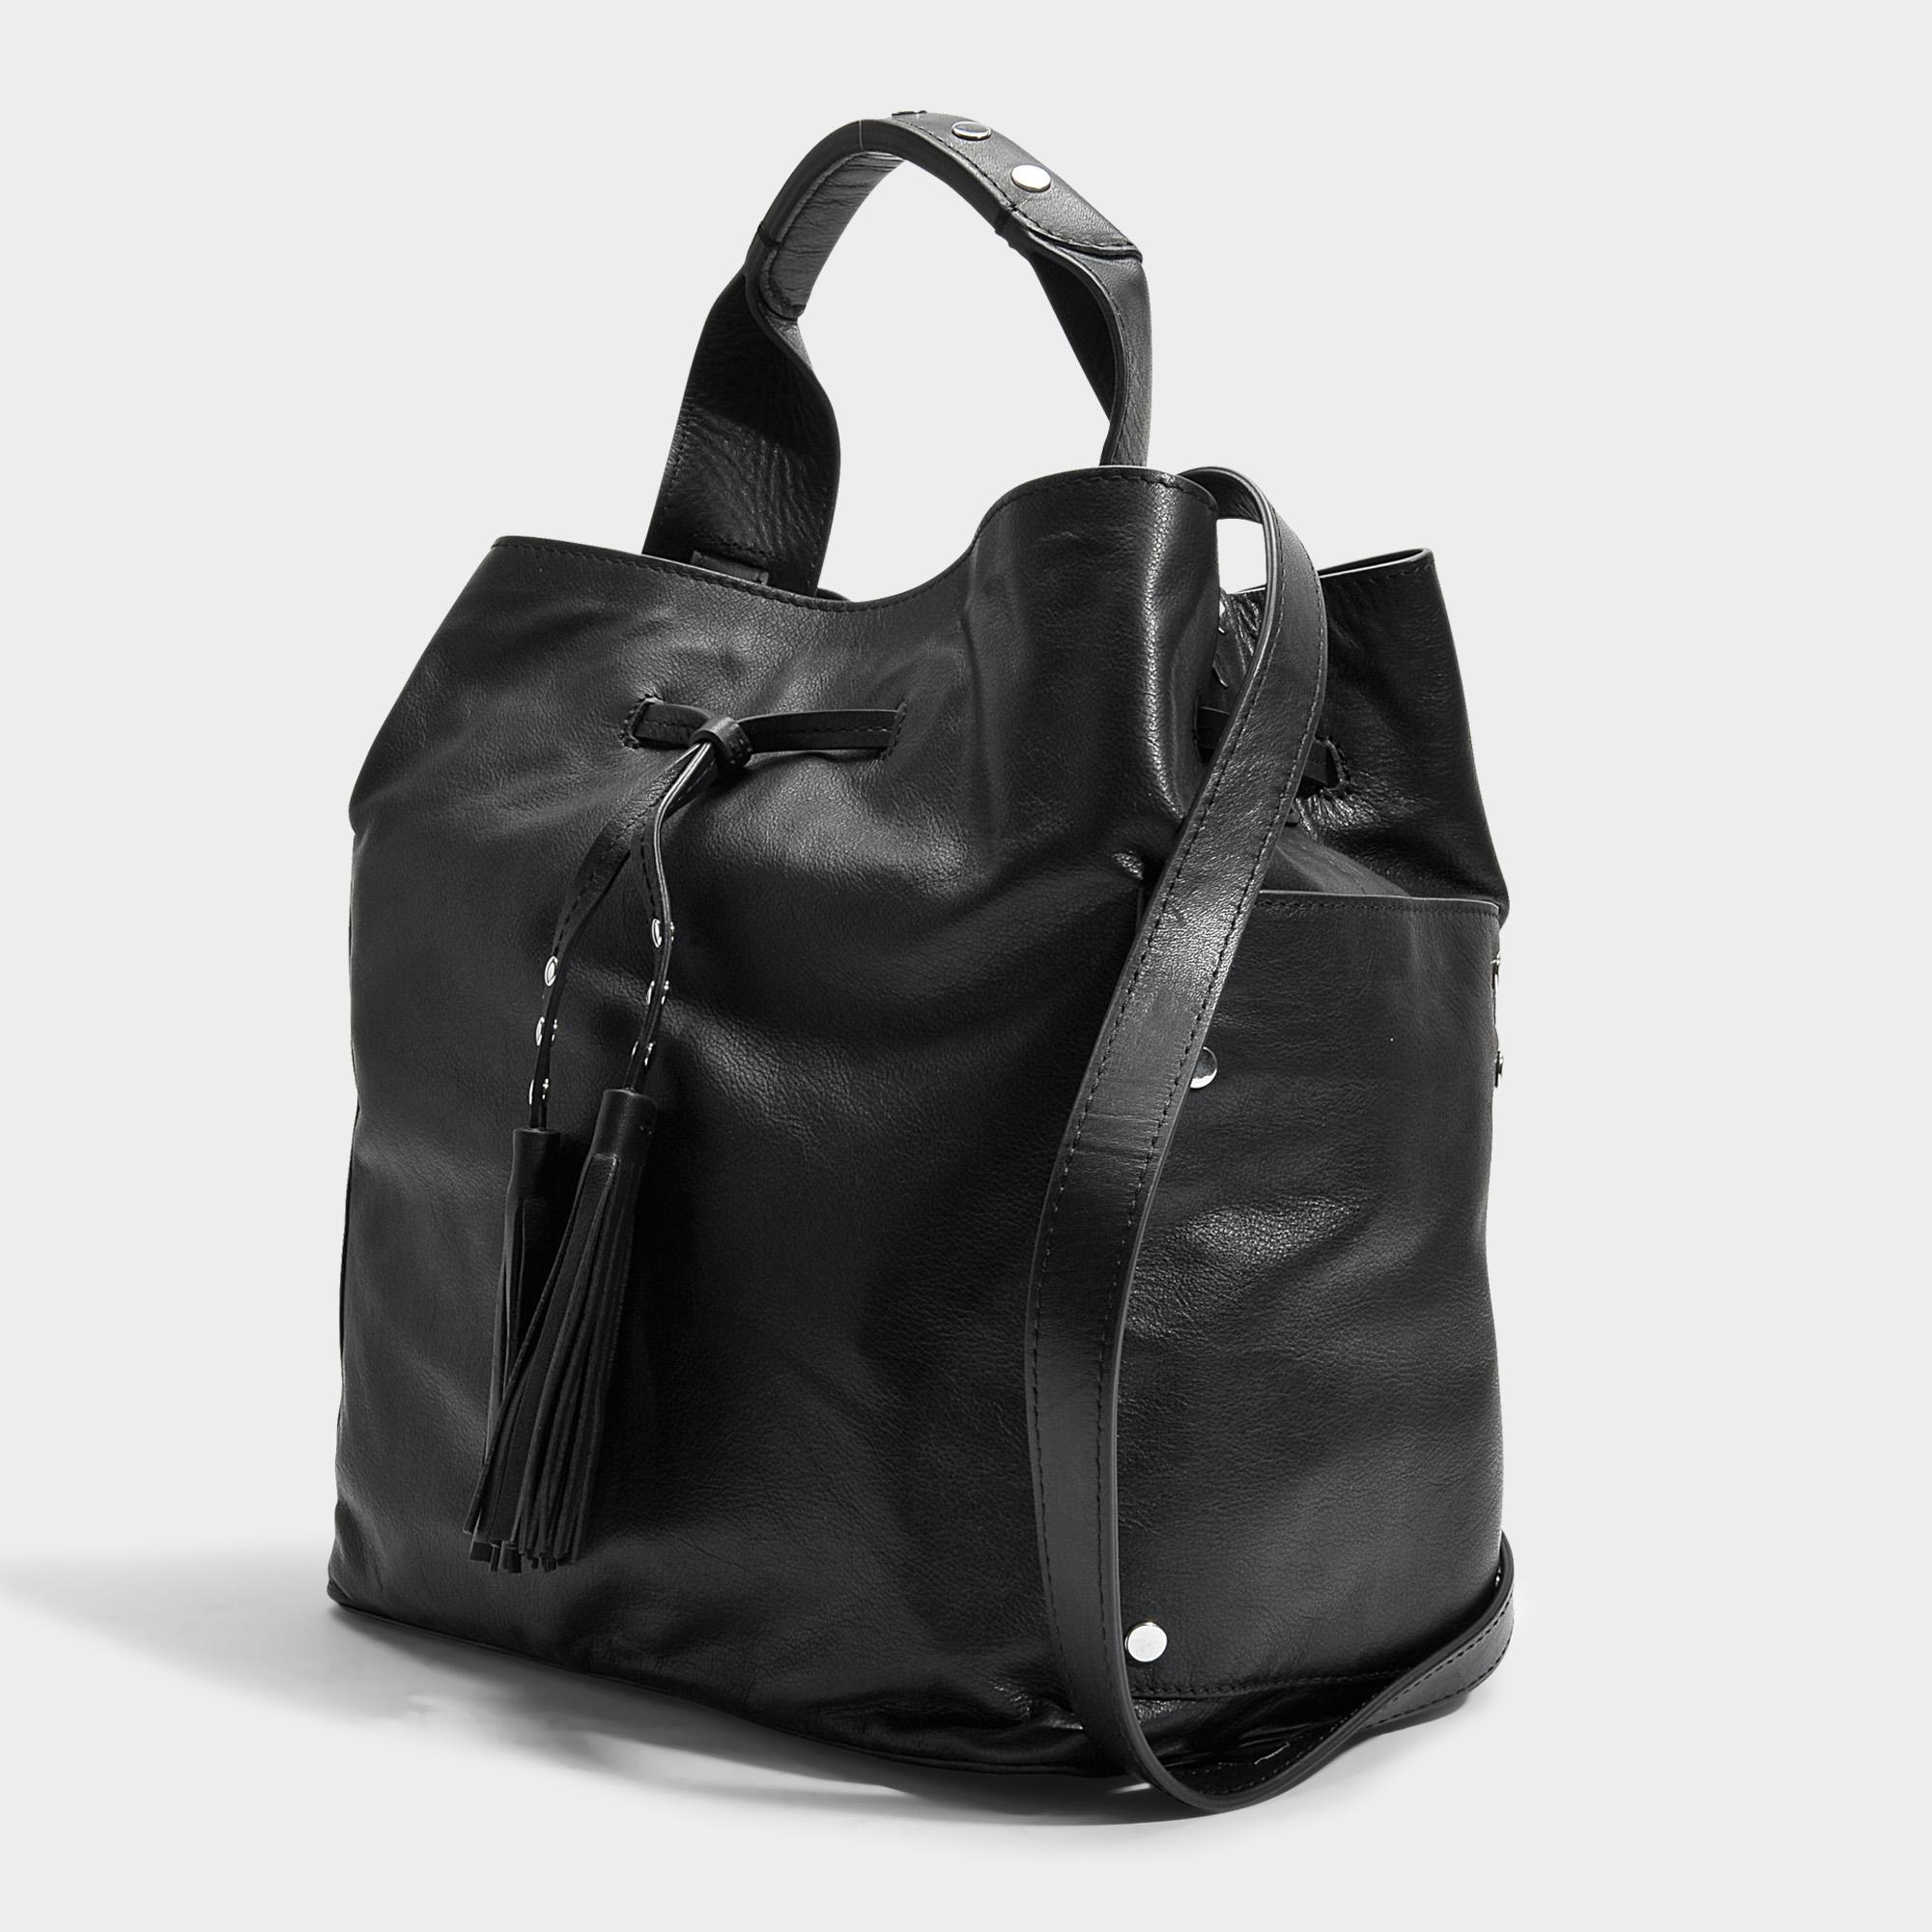 ee7d345f92 Sac saxo bucket en cuir noir Gerard Darel en coloris Noir - Lyst